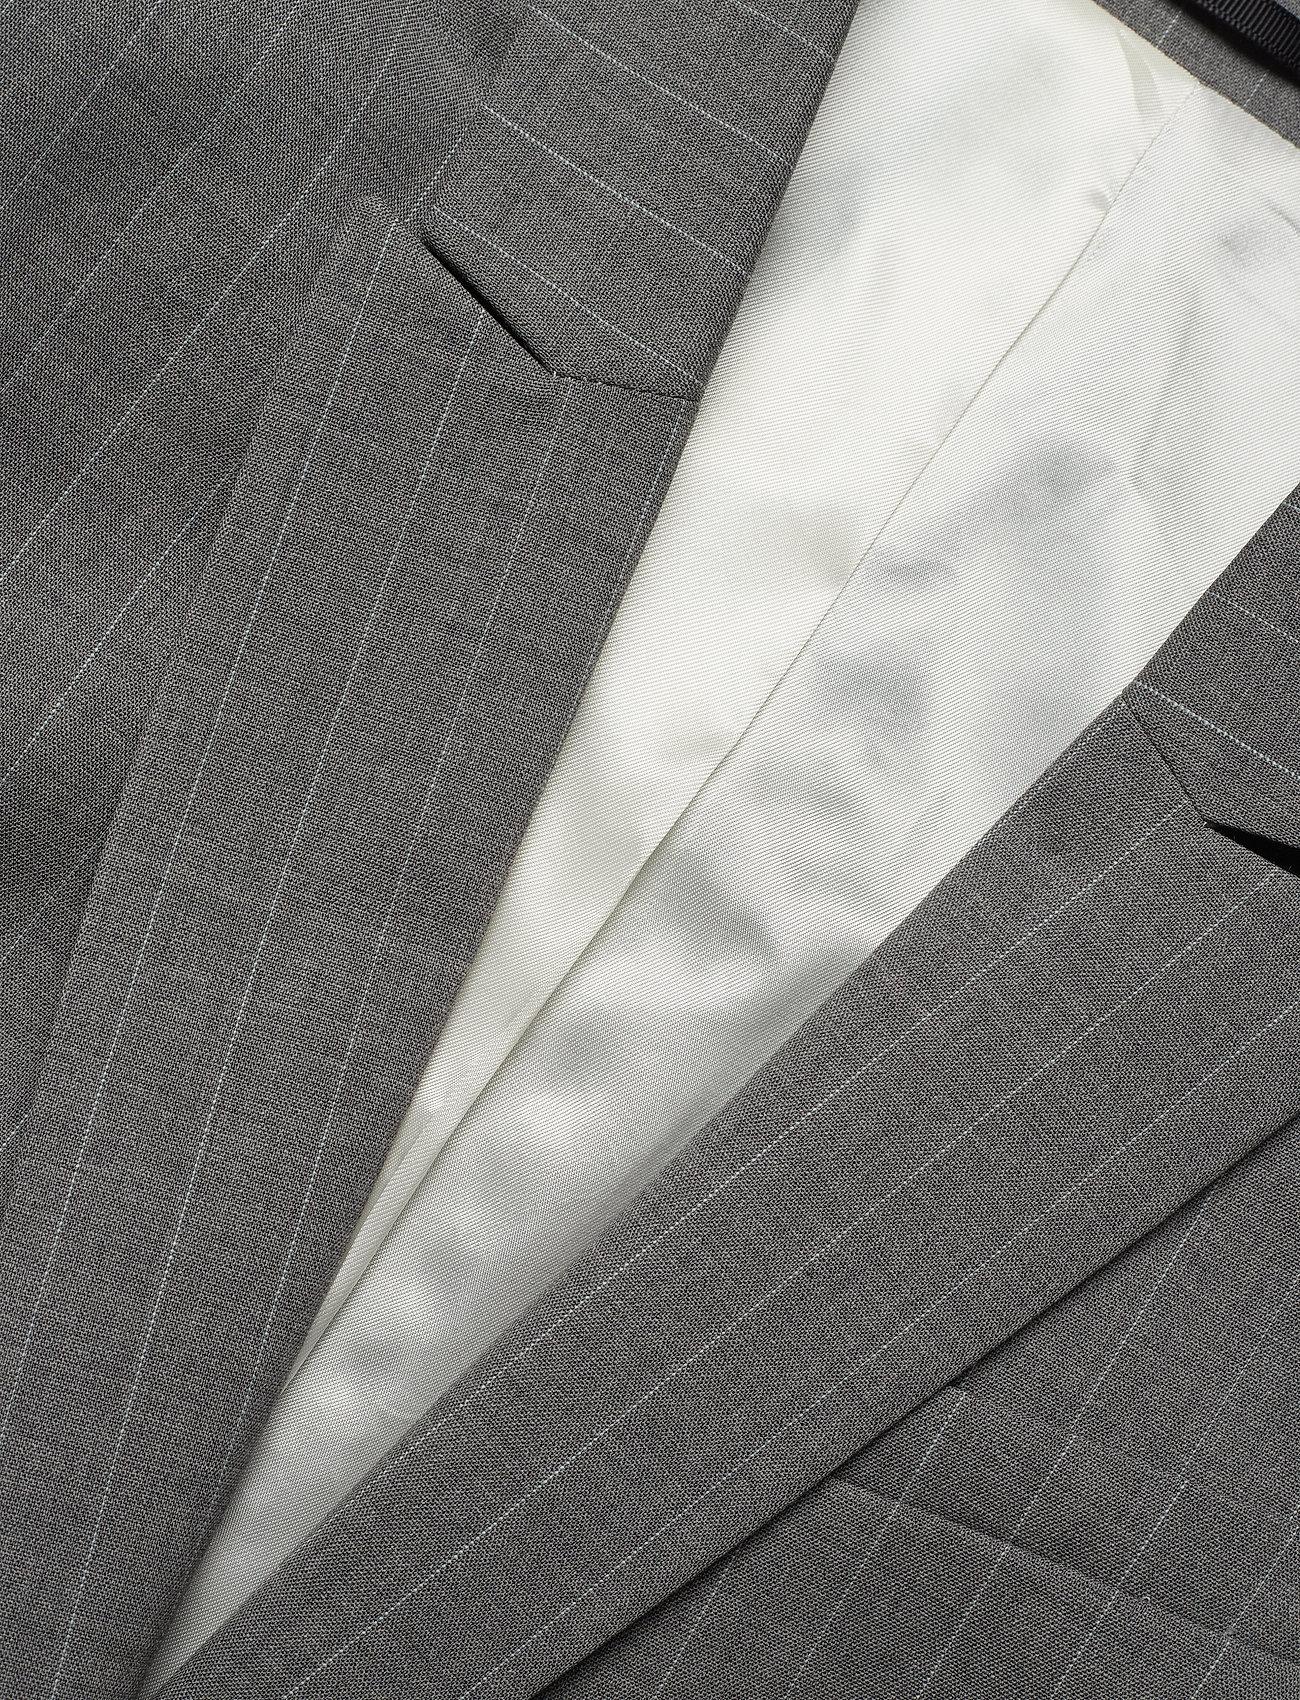 Of Tessanlight Tessanlight MelangeTiger Grey Sweden Grey MelangeTiger Aj3RL4q5Sc